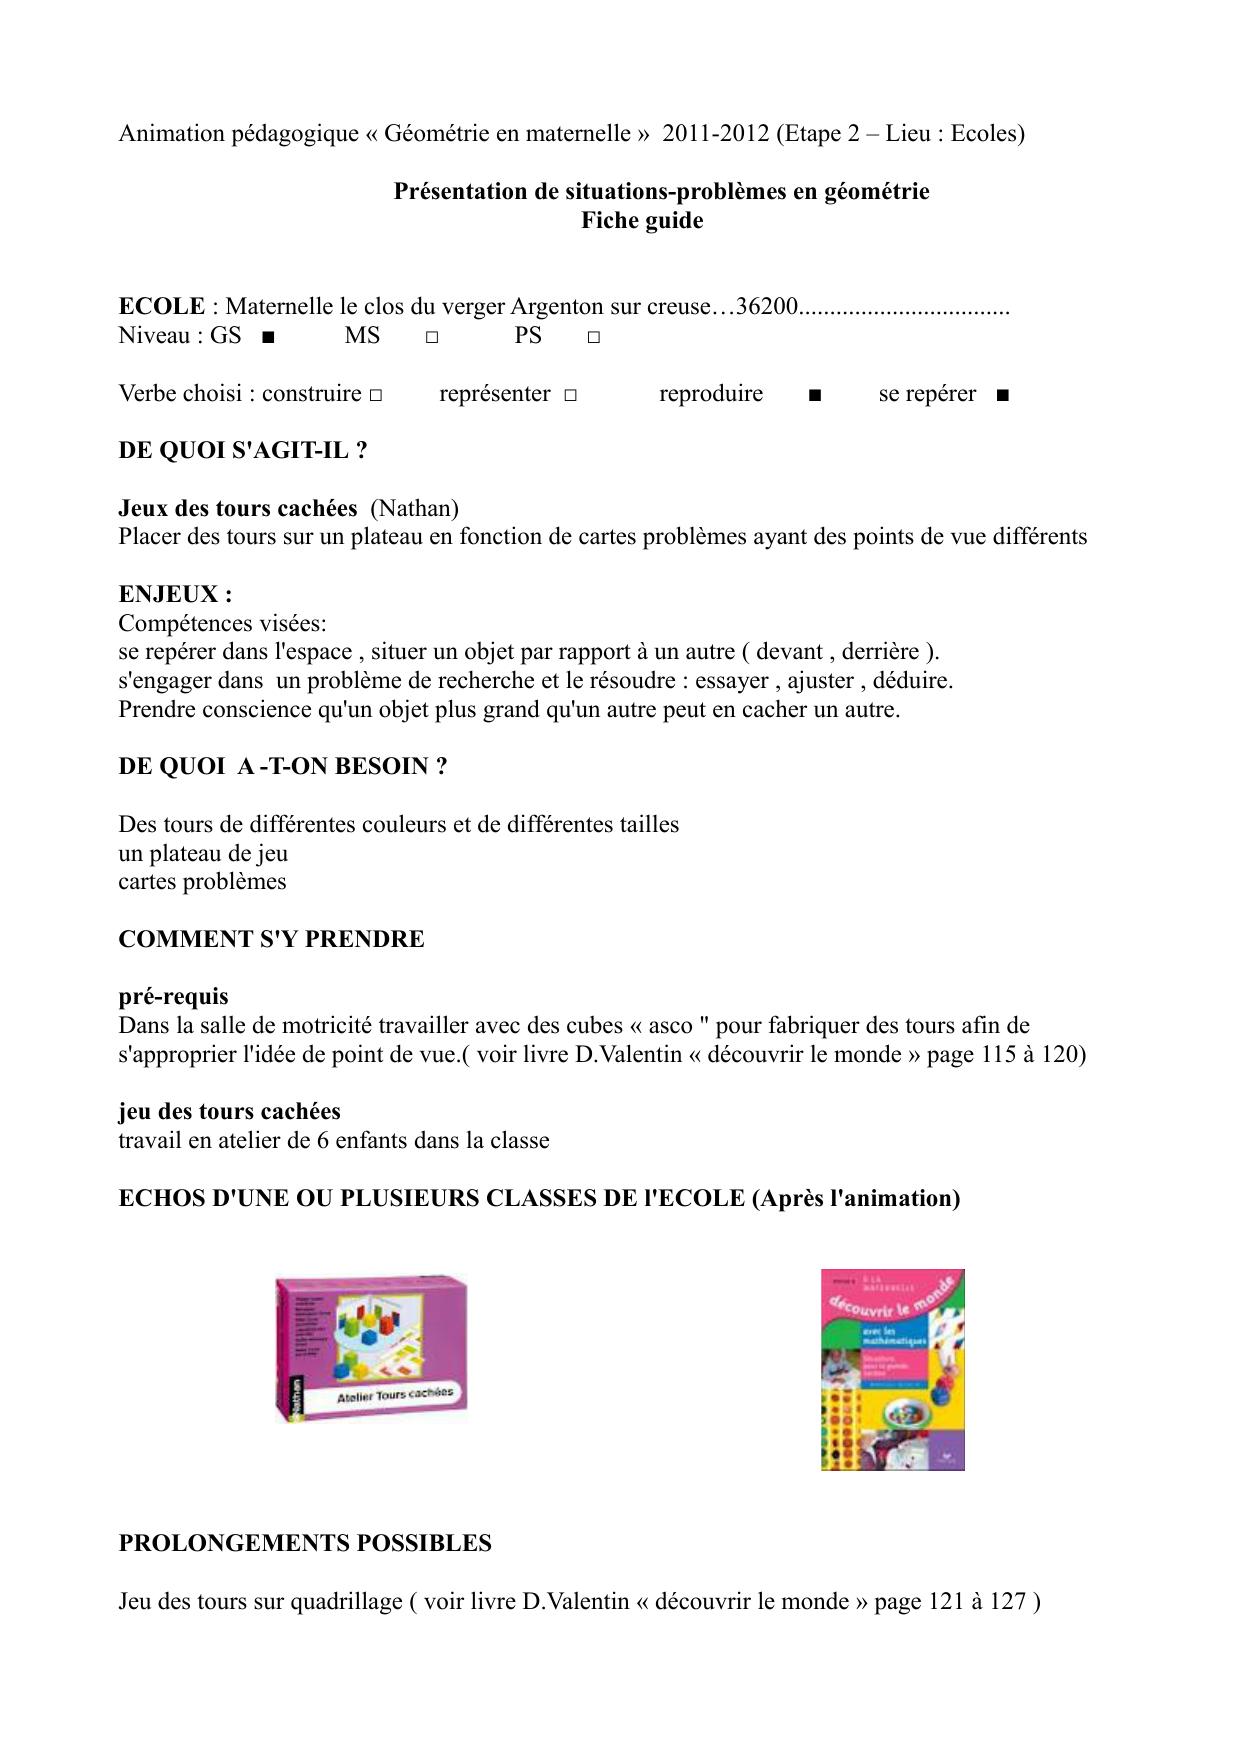 Animation Pédagogique « Géométrie En Maternelle » 2011-2012 avec Jeux Pedagogique Maternelle